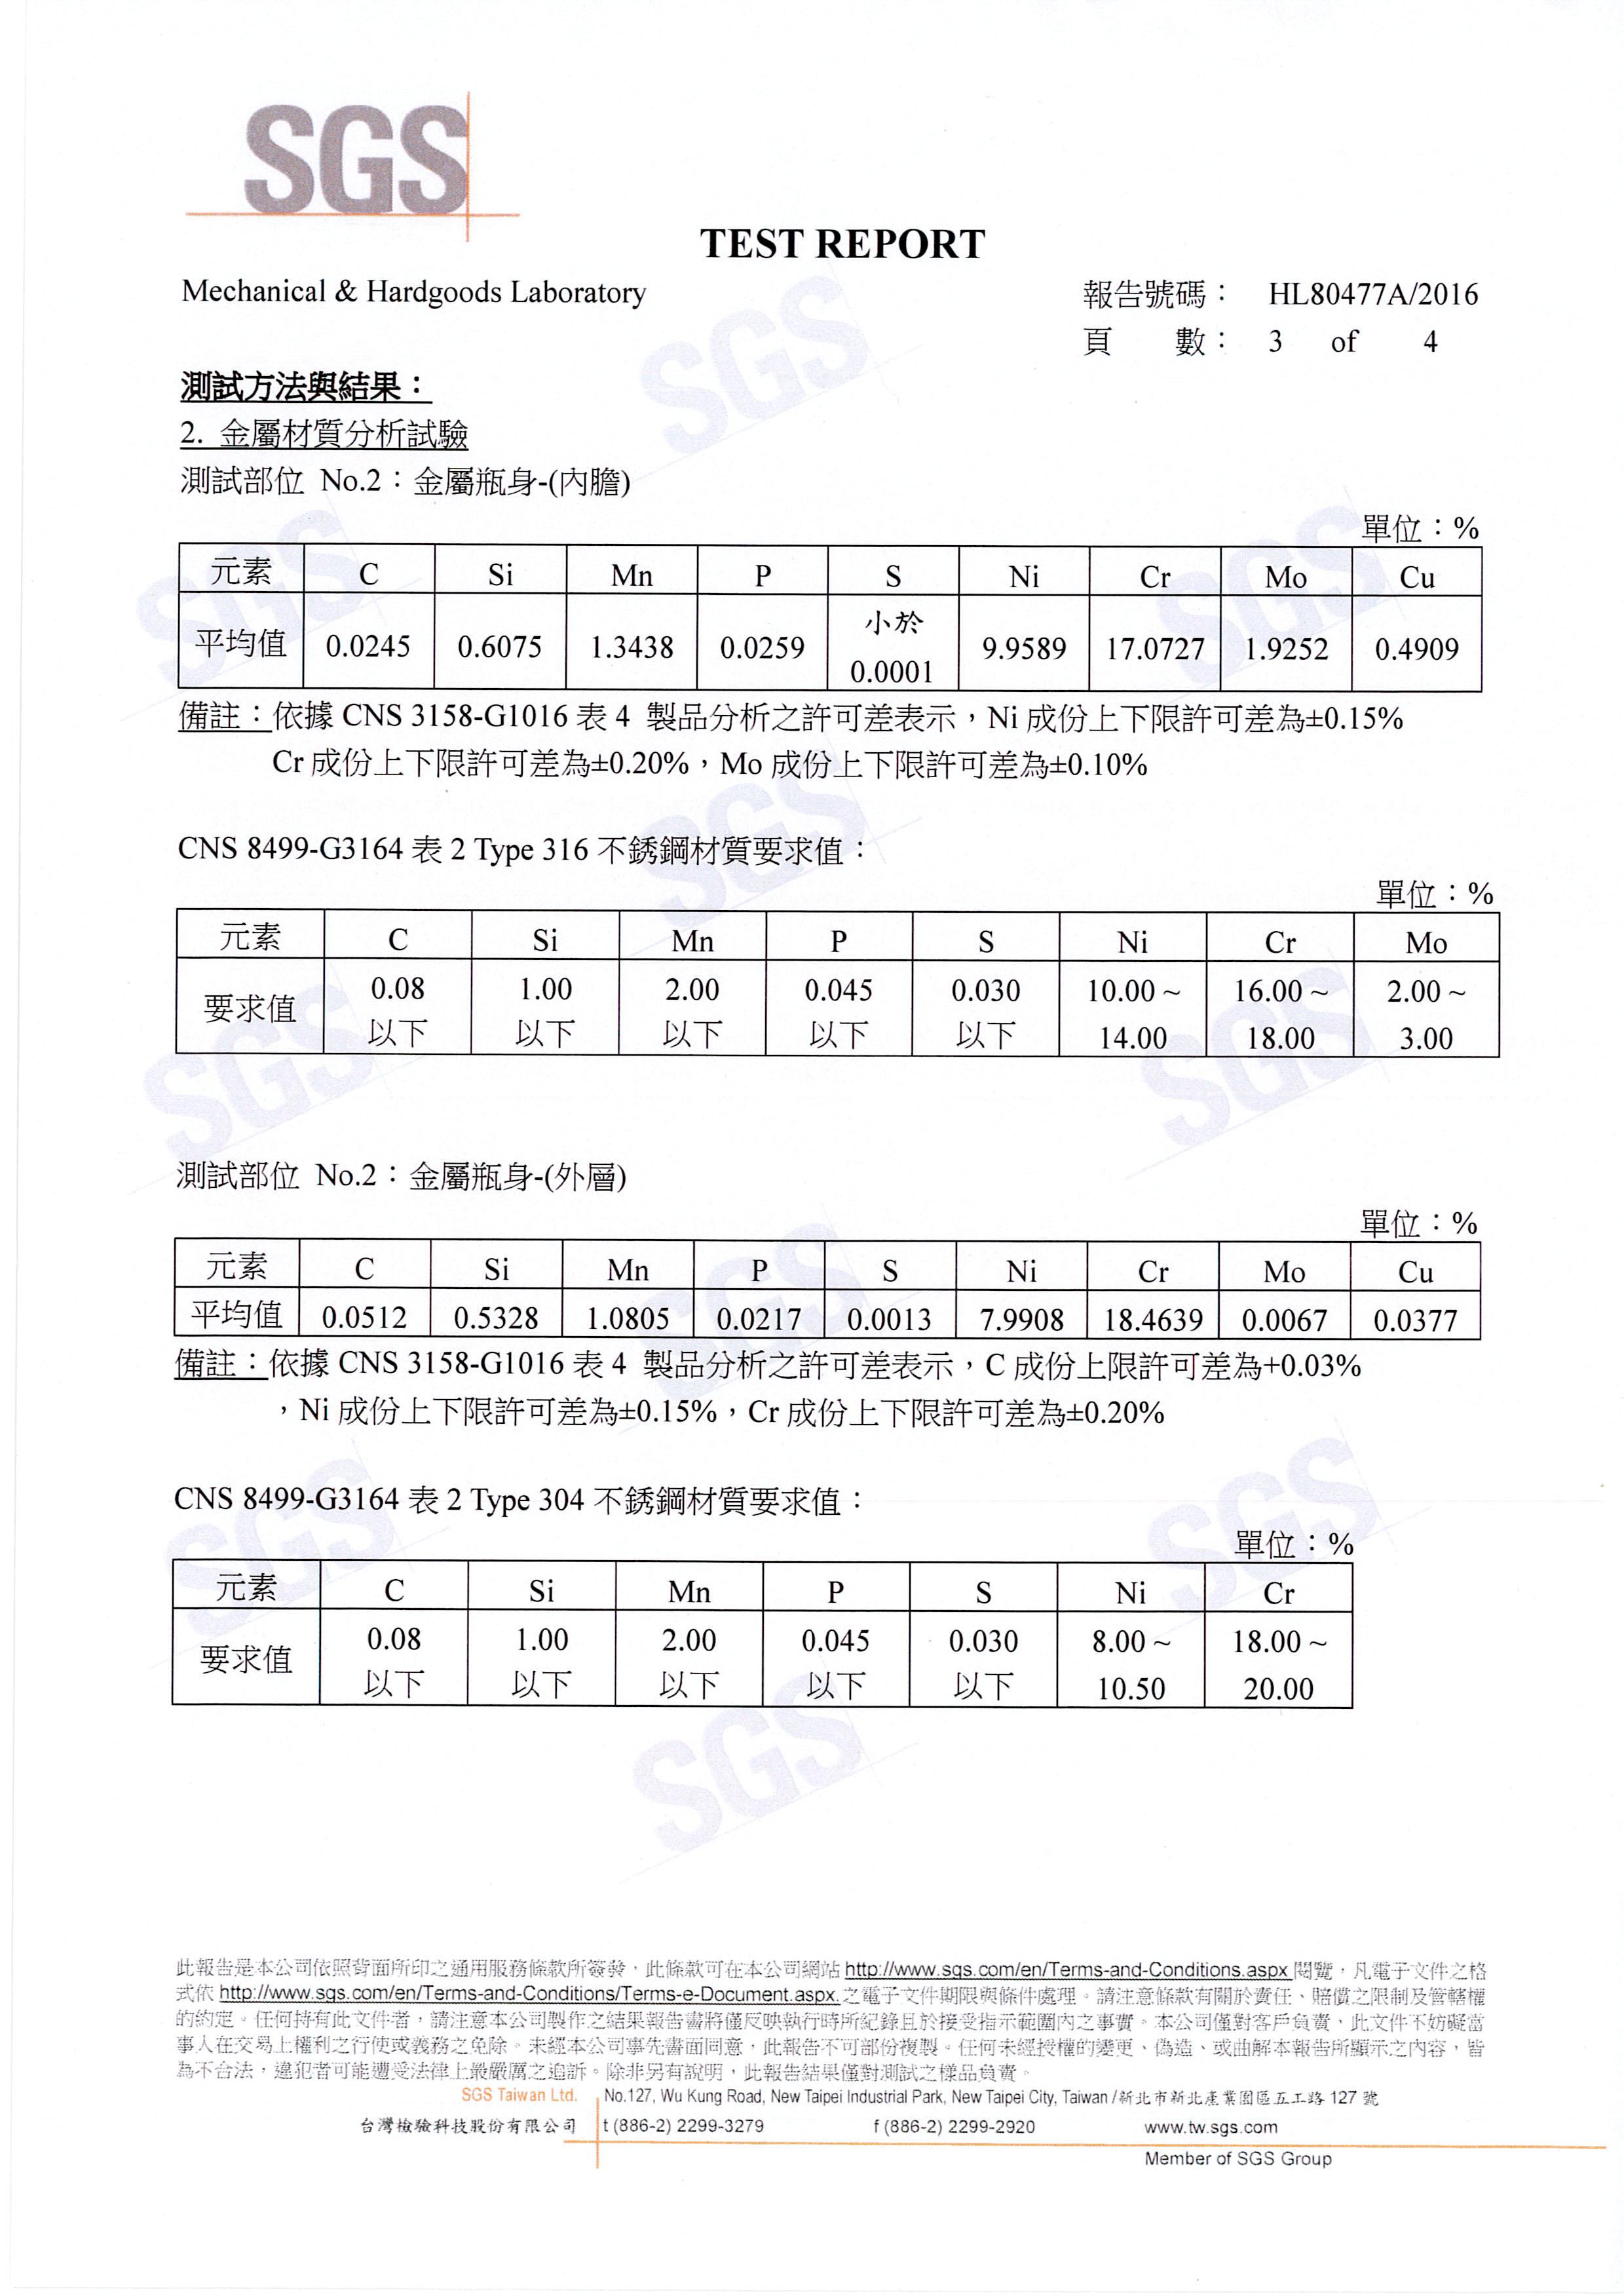 sgs%e6%aa%a2%e9%a9%97%e6%a9%ab%e9%8b%bc316%e5%a4%a7%e5%ae%b9%e9%87%8f%e4%bf%9d%e6%ba%ab%e6%9d%af600-3